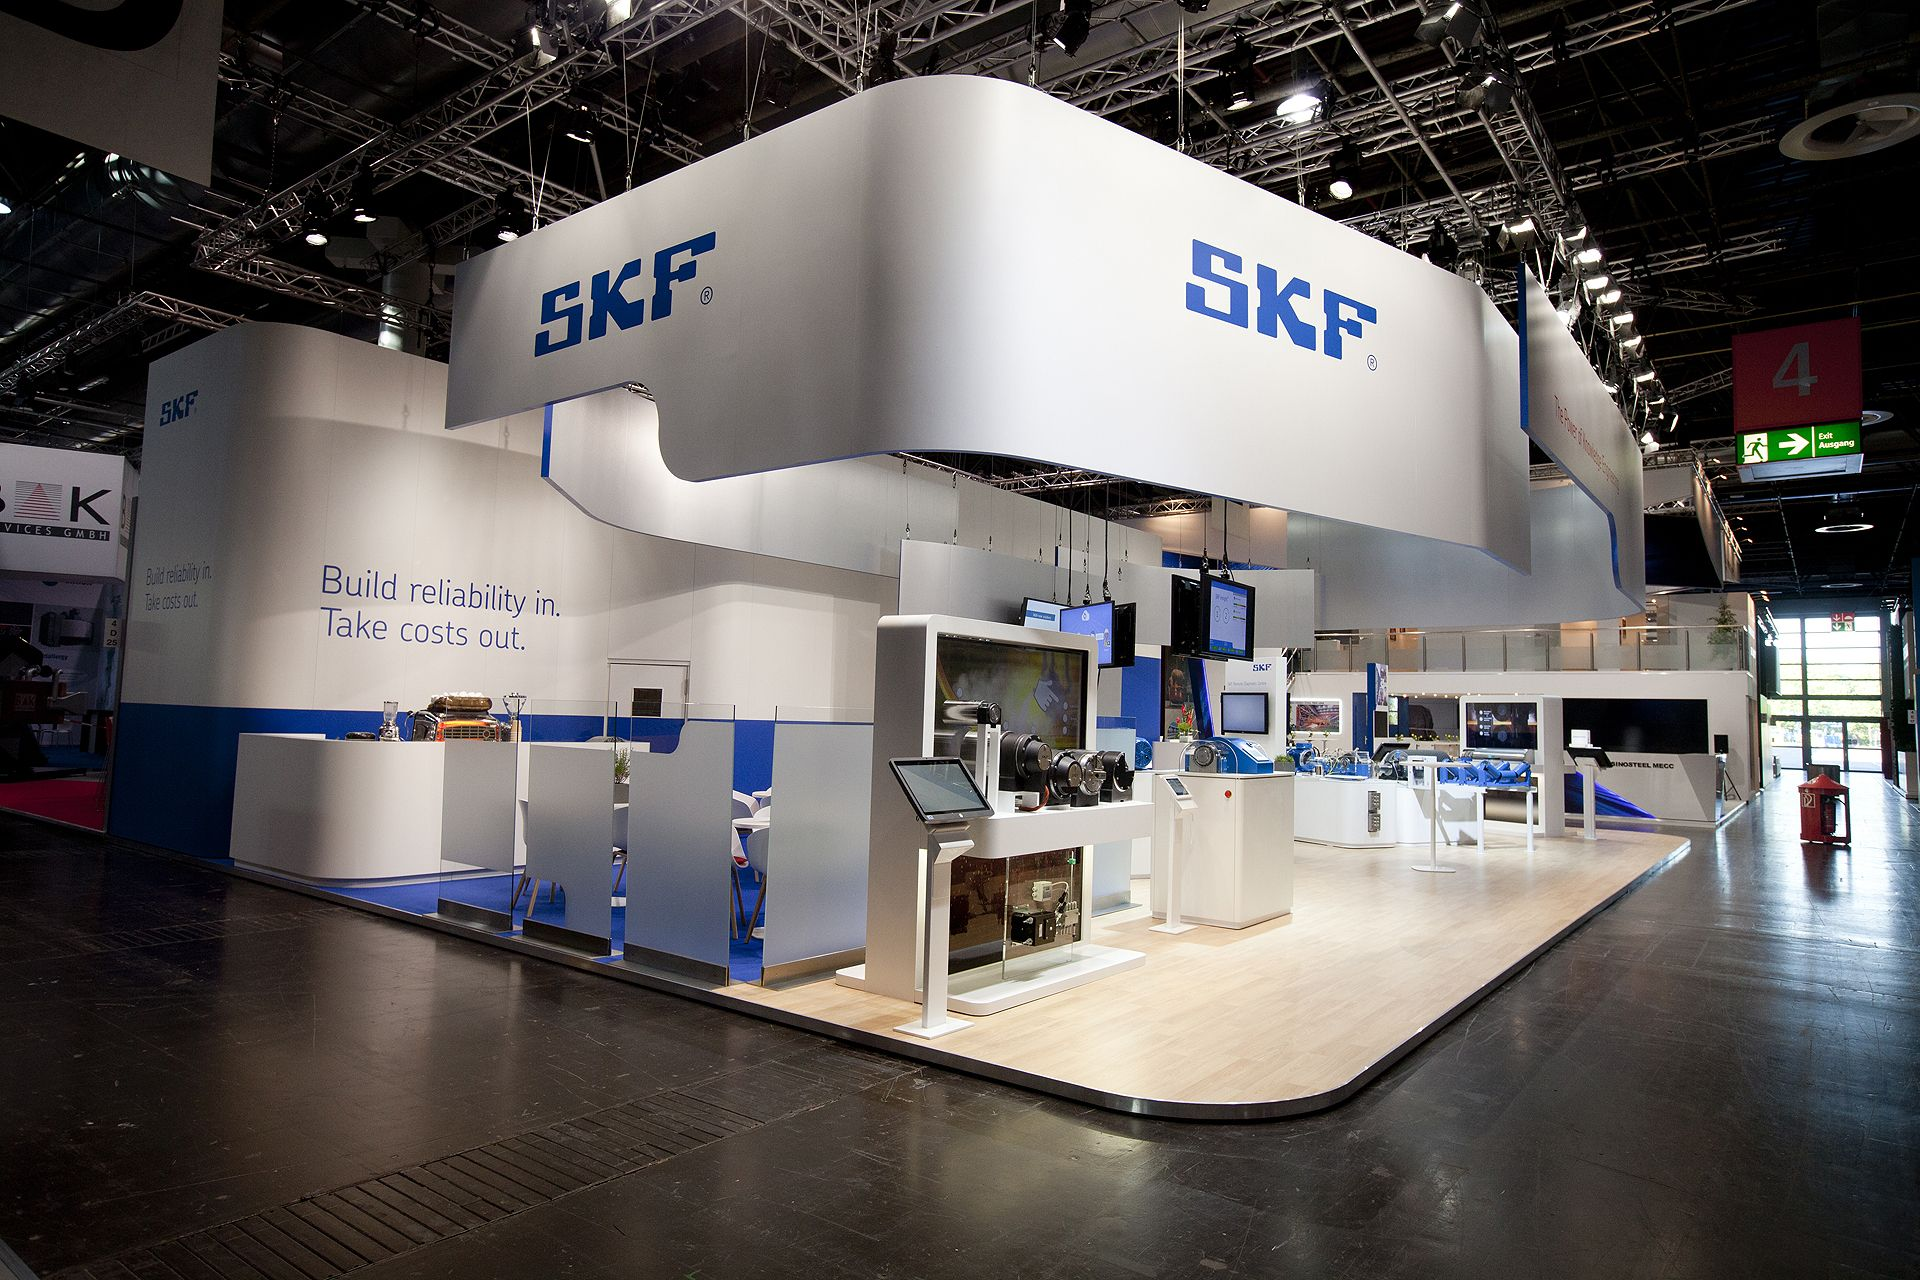 Exhibition Stand Design Presentation : Raumhoch skf metec rcan pinterest exhibition